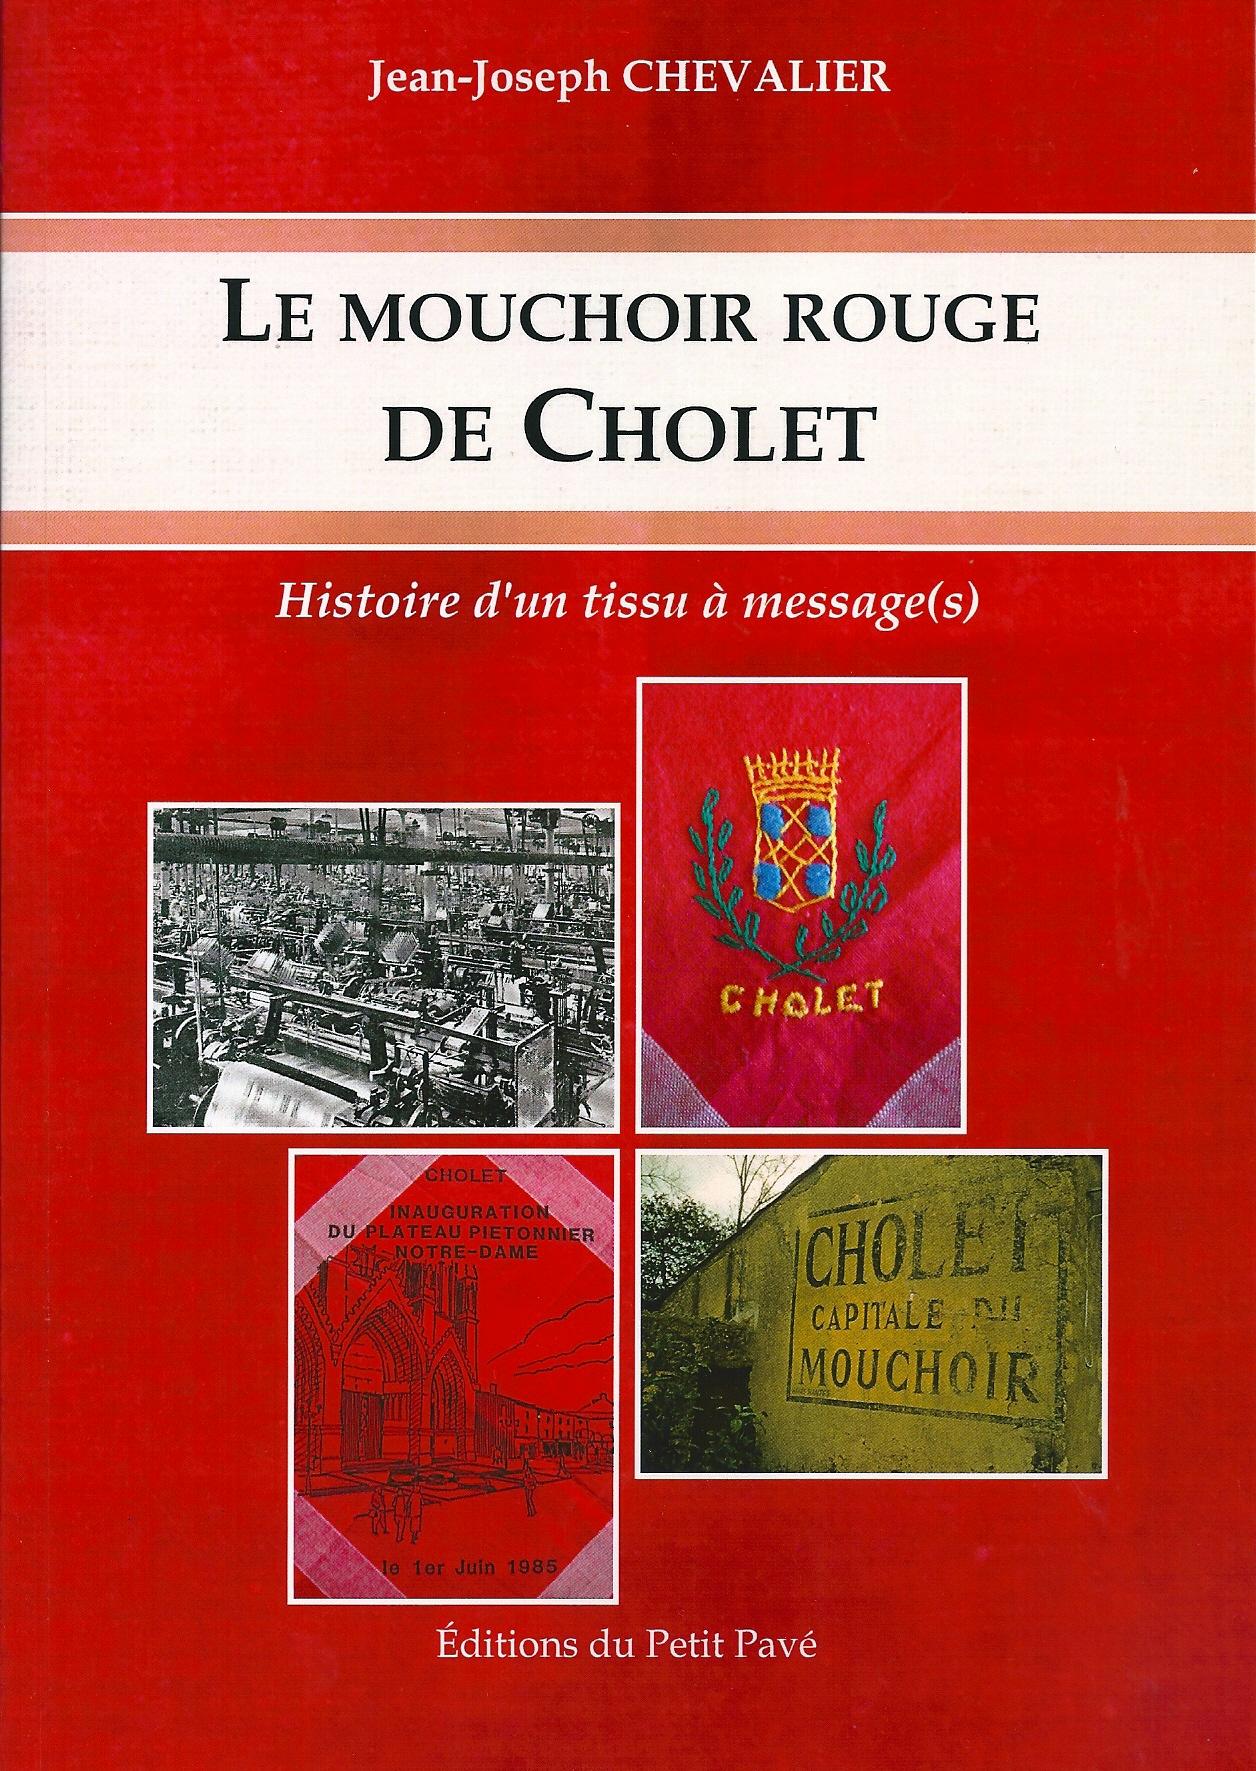 Carte Cezam Cholet.Le Mouchoir Rouge De Cholet Histoire D Un Tissu A Message S